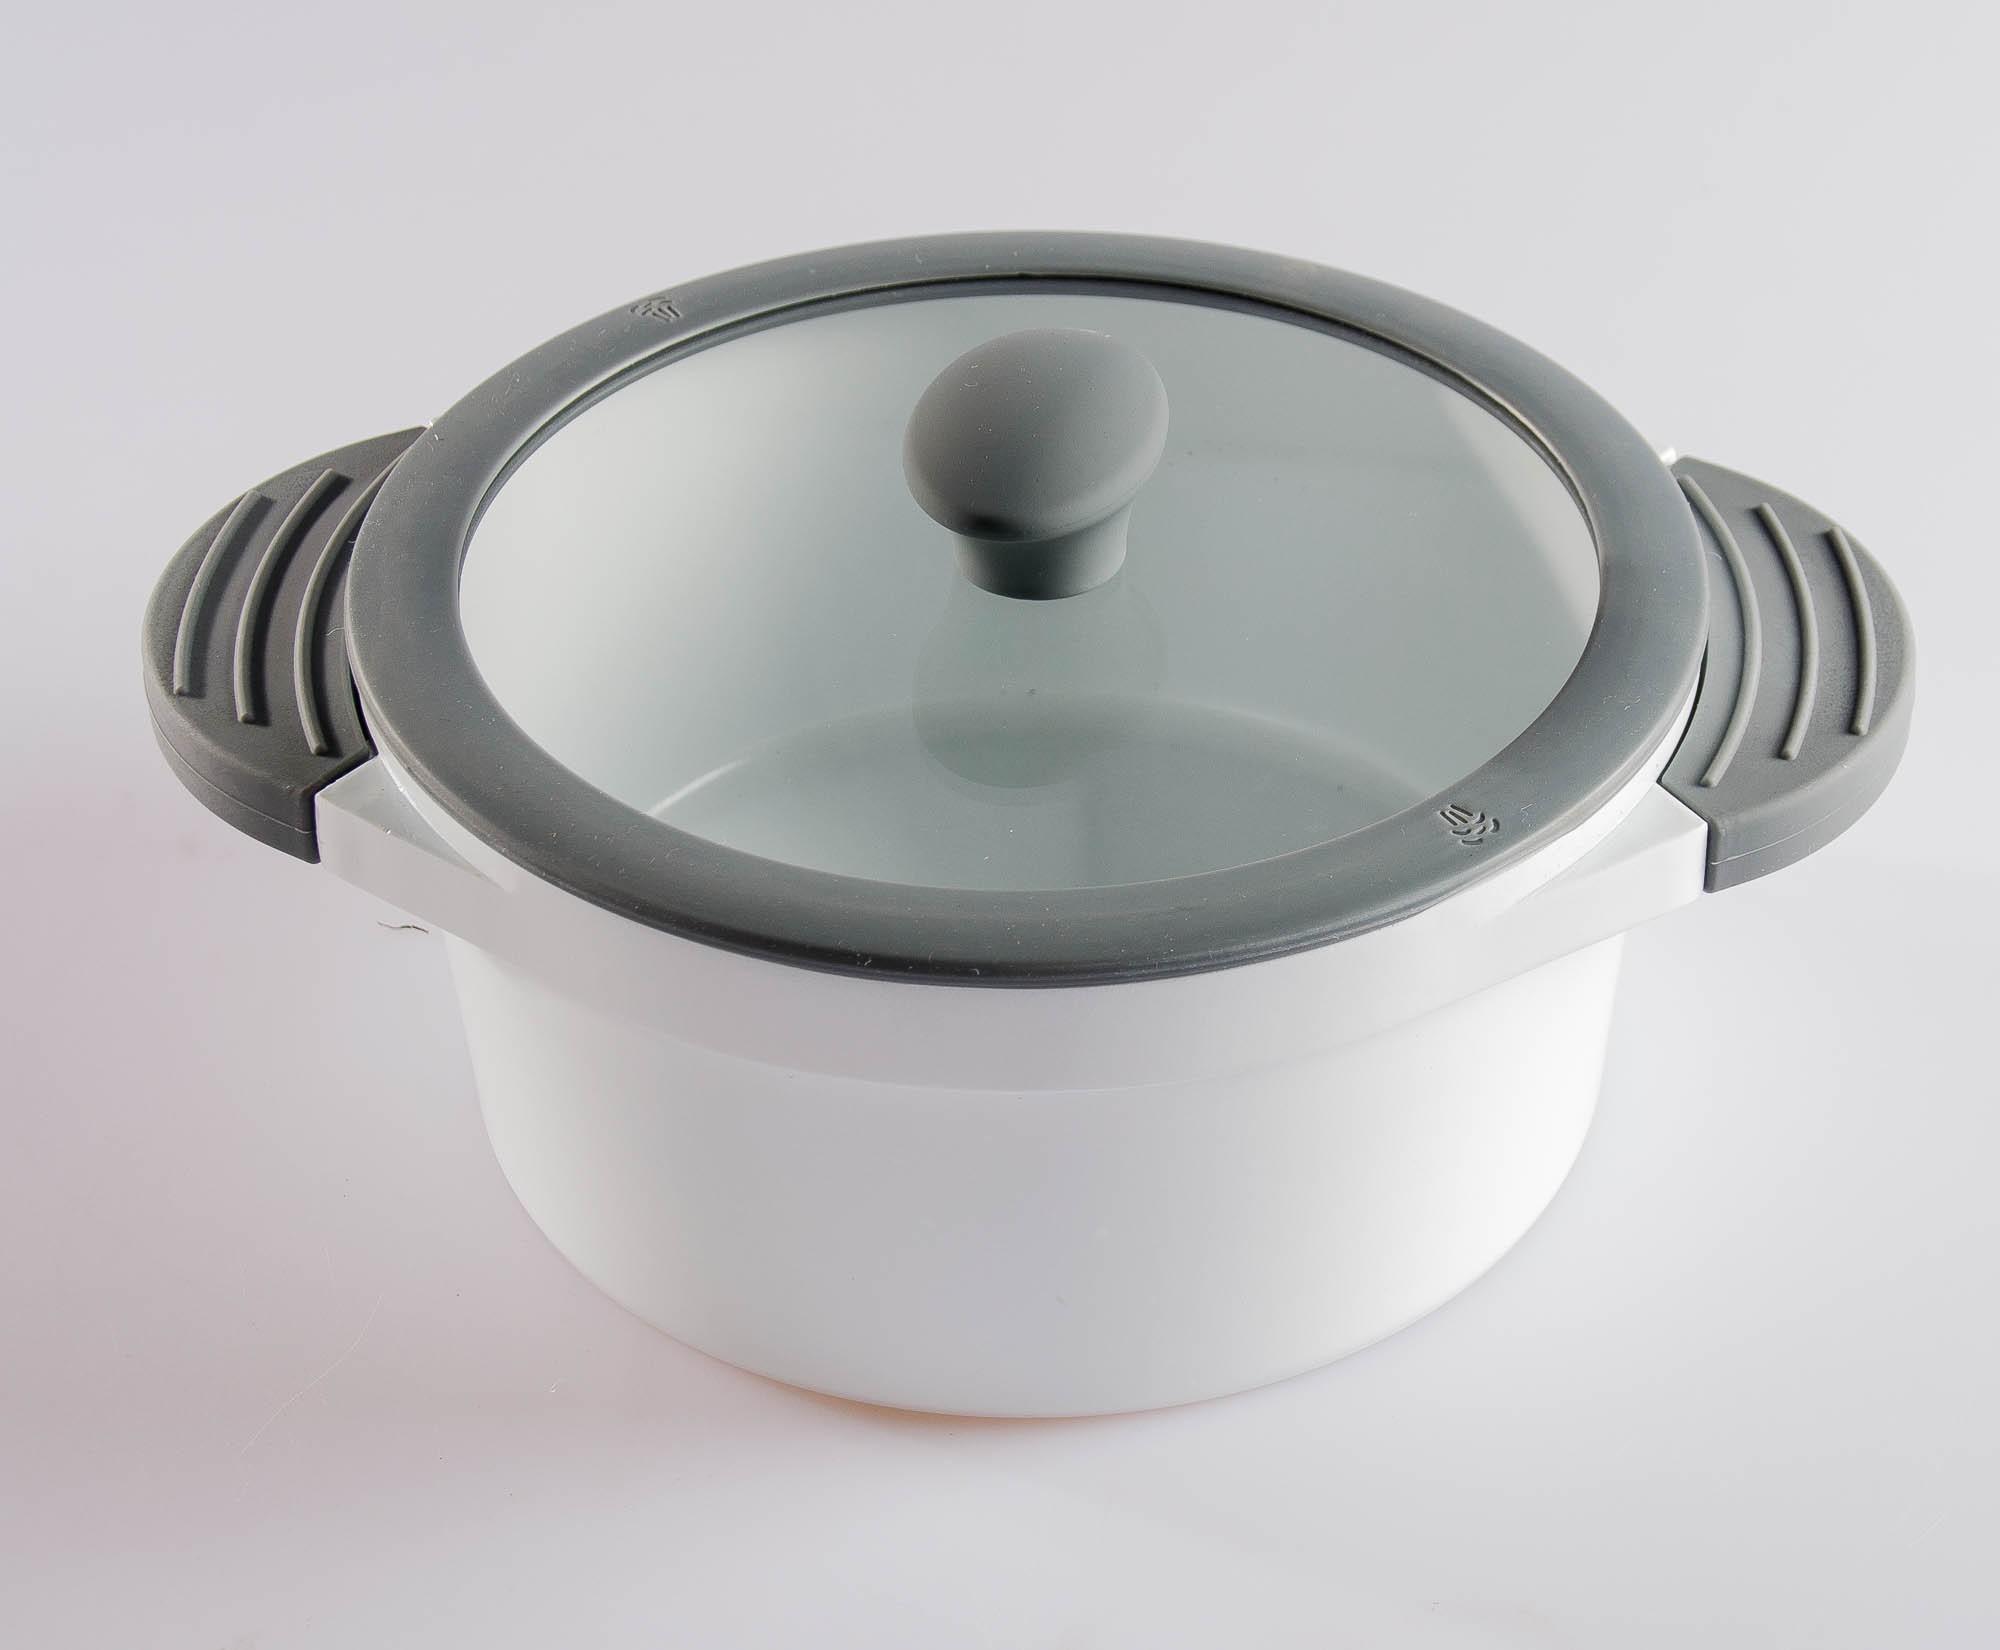 aluguss kochtopf ceramica 28 cm induktion kochtopf fleischtopf suppentopf topf ebay. Black Bedroom Furniture Sets. Home Design Ideas